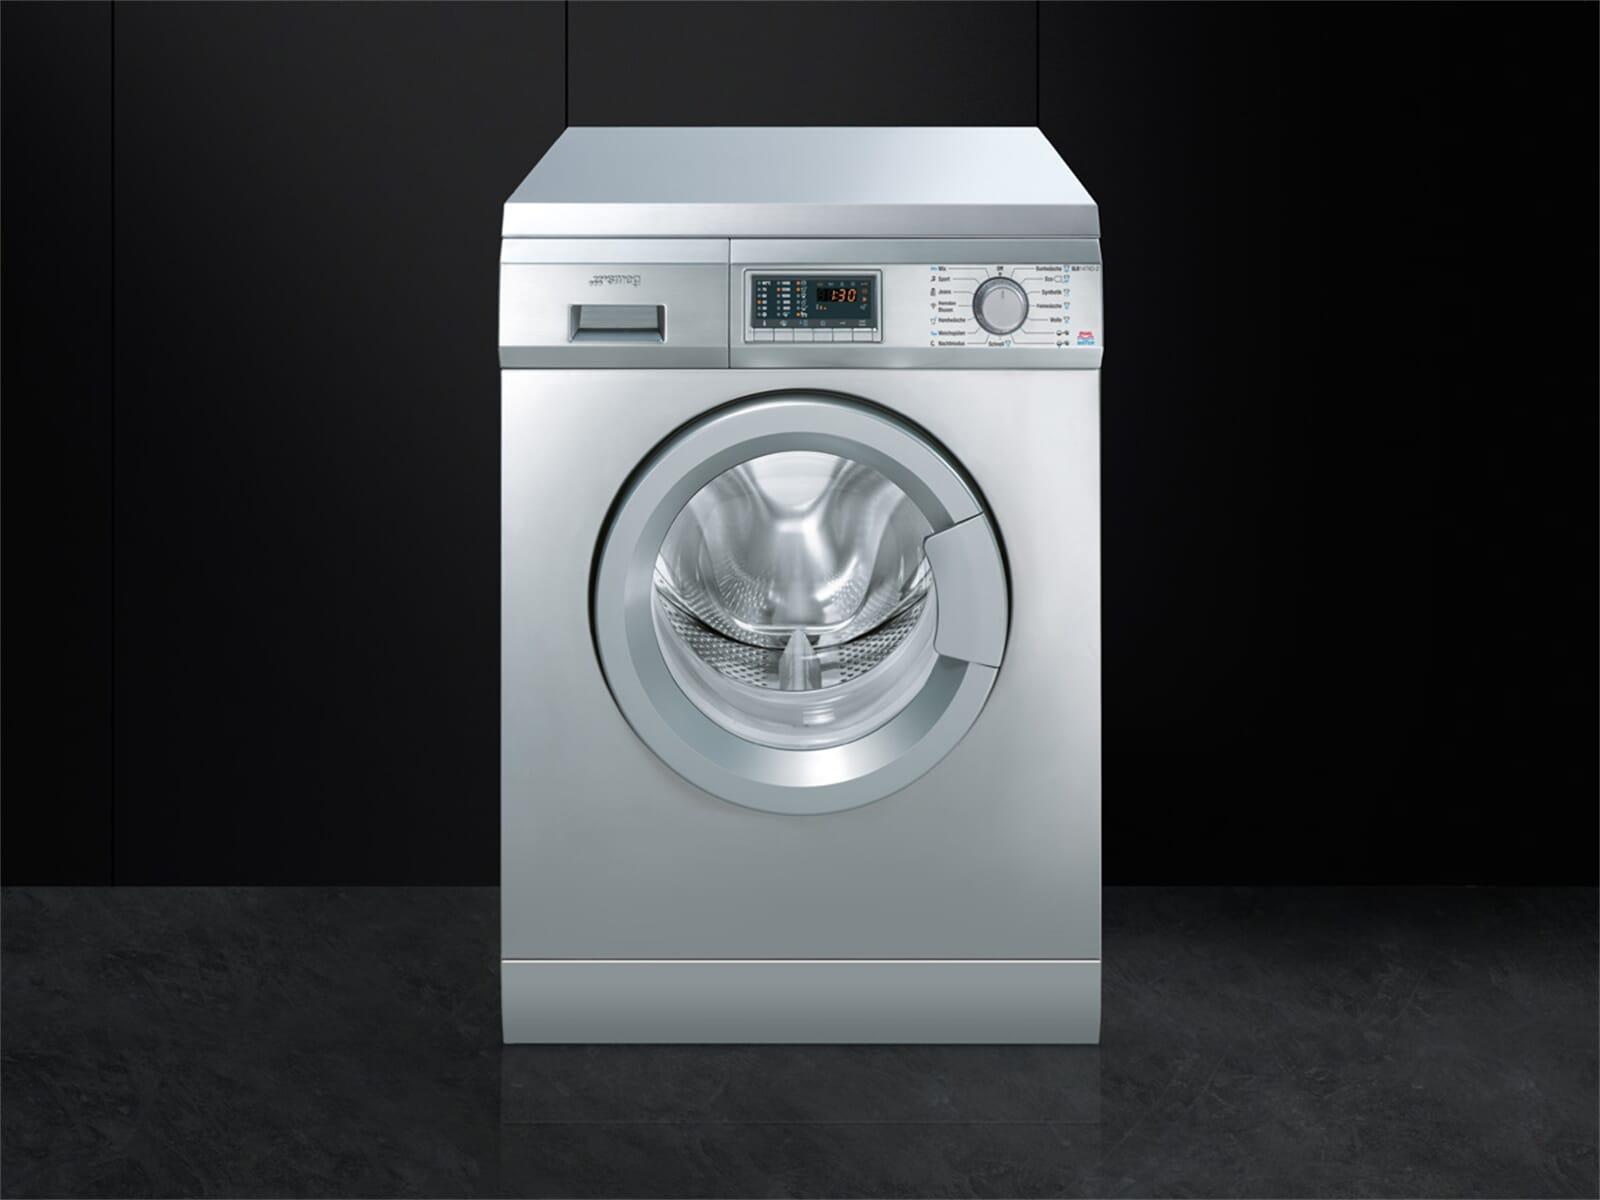 Smeg Slb147Xd Waschmaschine Edelstahl